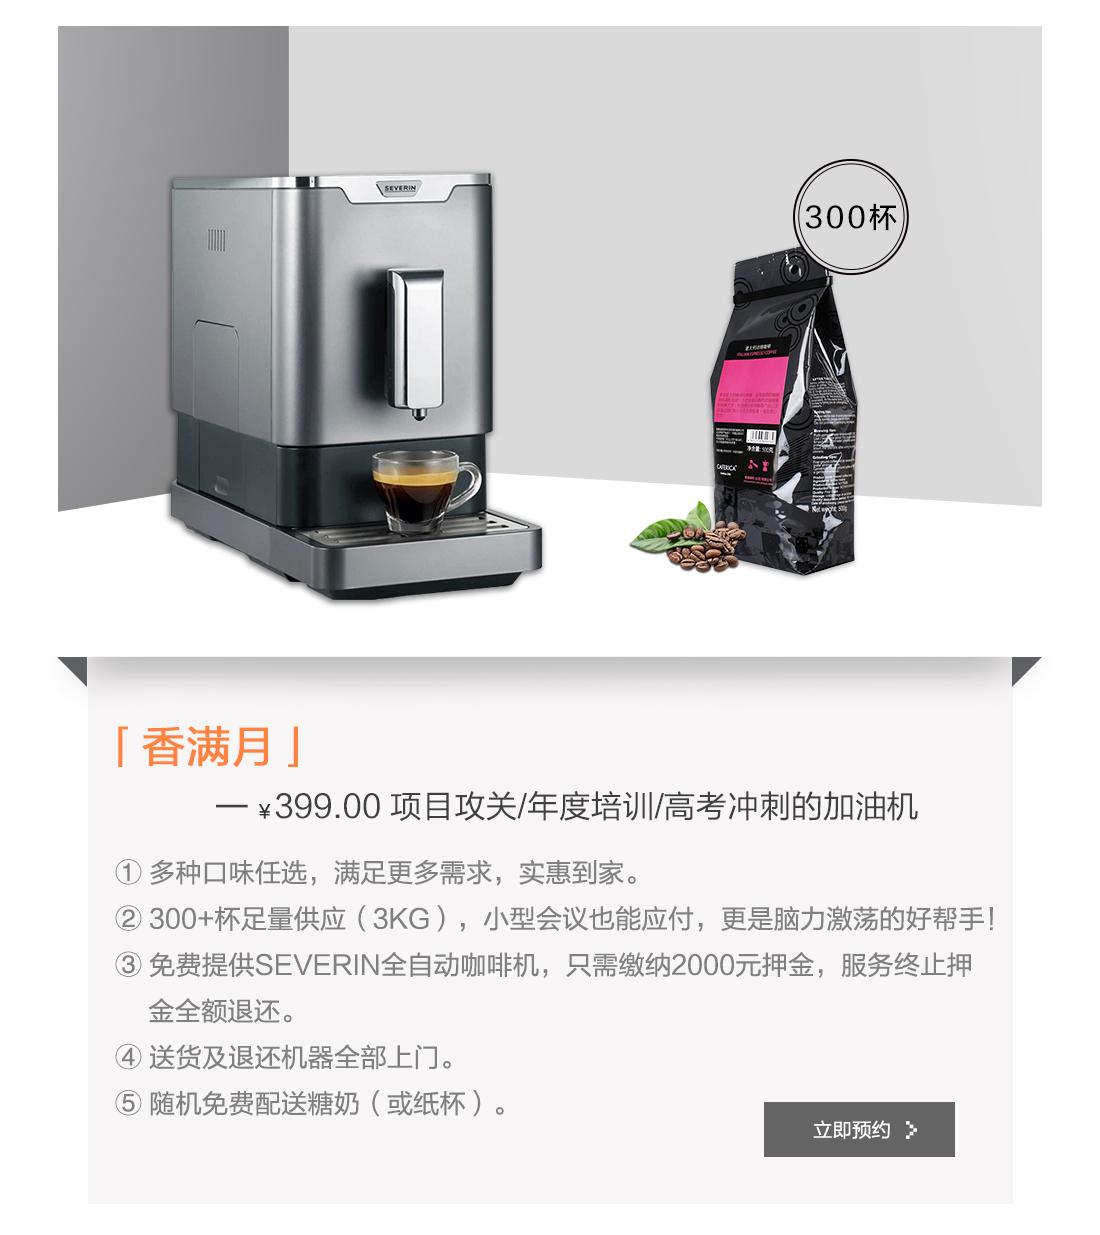 咖啡机服务二级页面(手机端)_03